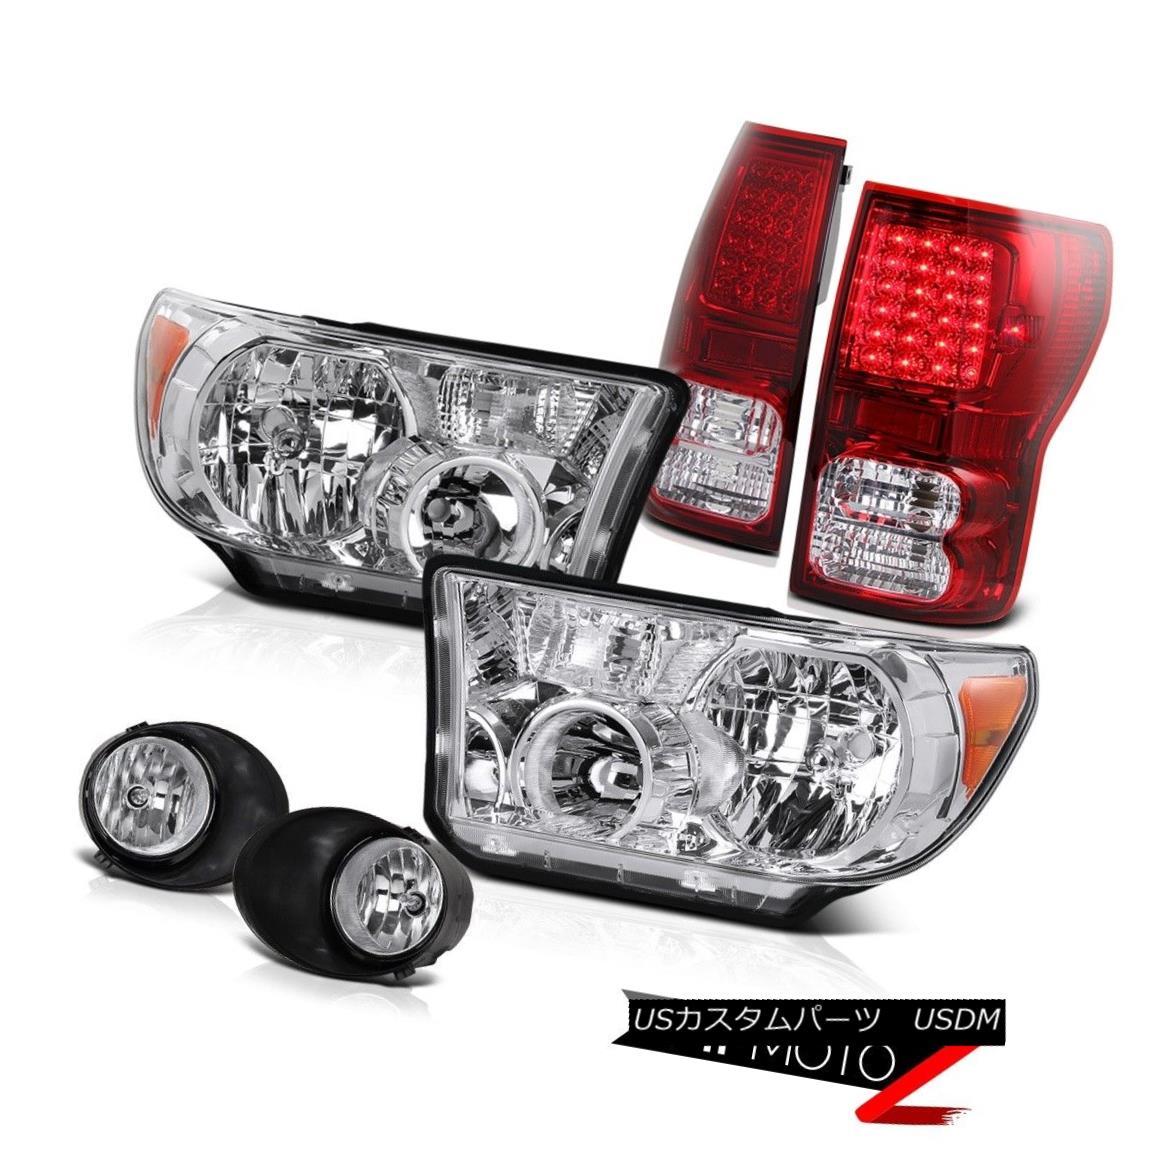 テールライト Crystal Replacement Headlamp+Led Tail Light+Fog Lamp Toyota Tundra 07-13 クリスタル交換ヘッドランプ+ Ledテールライト+フォグランプトヨタTundra 07-13